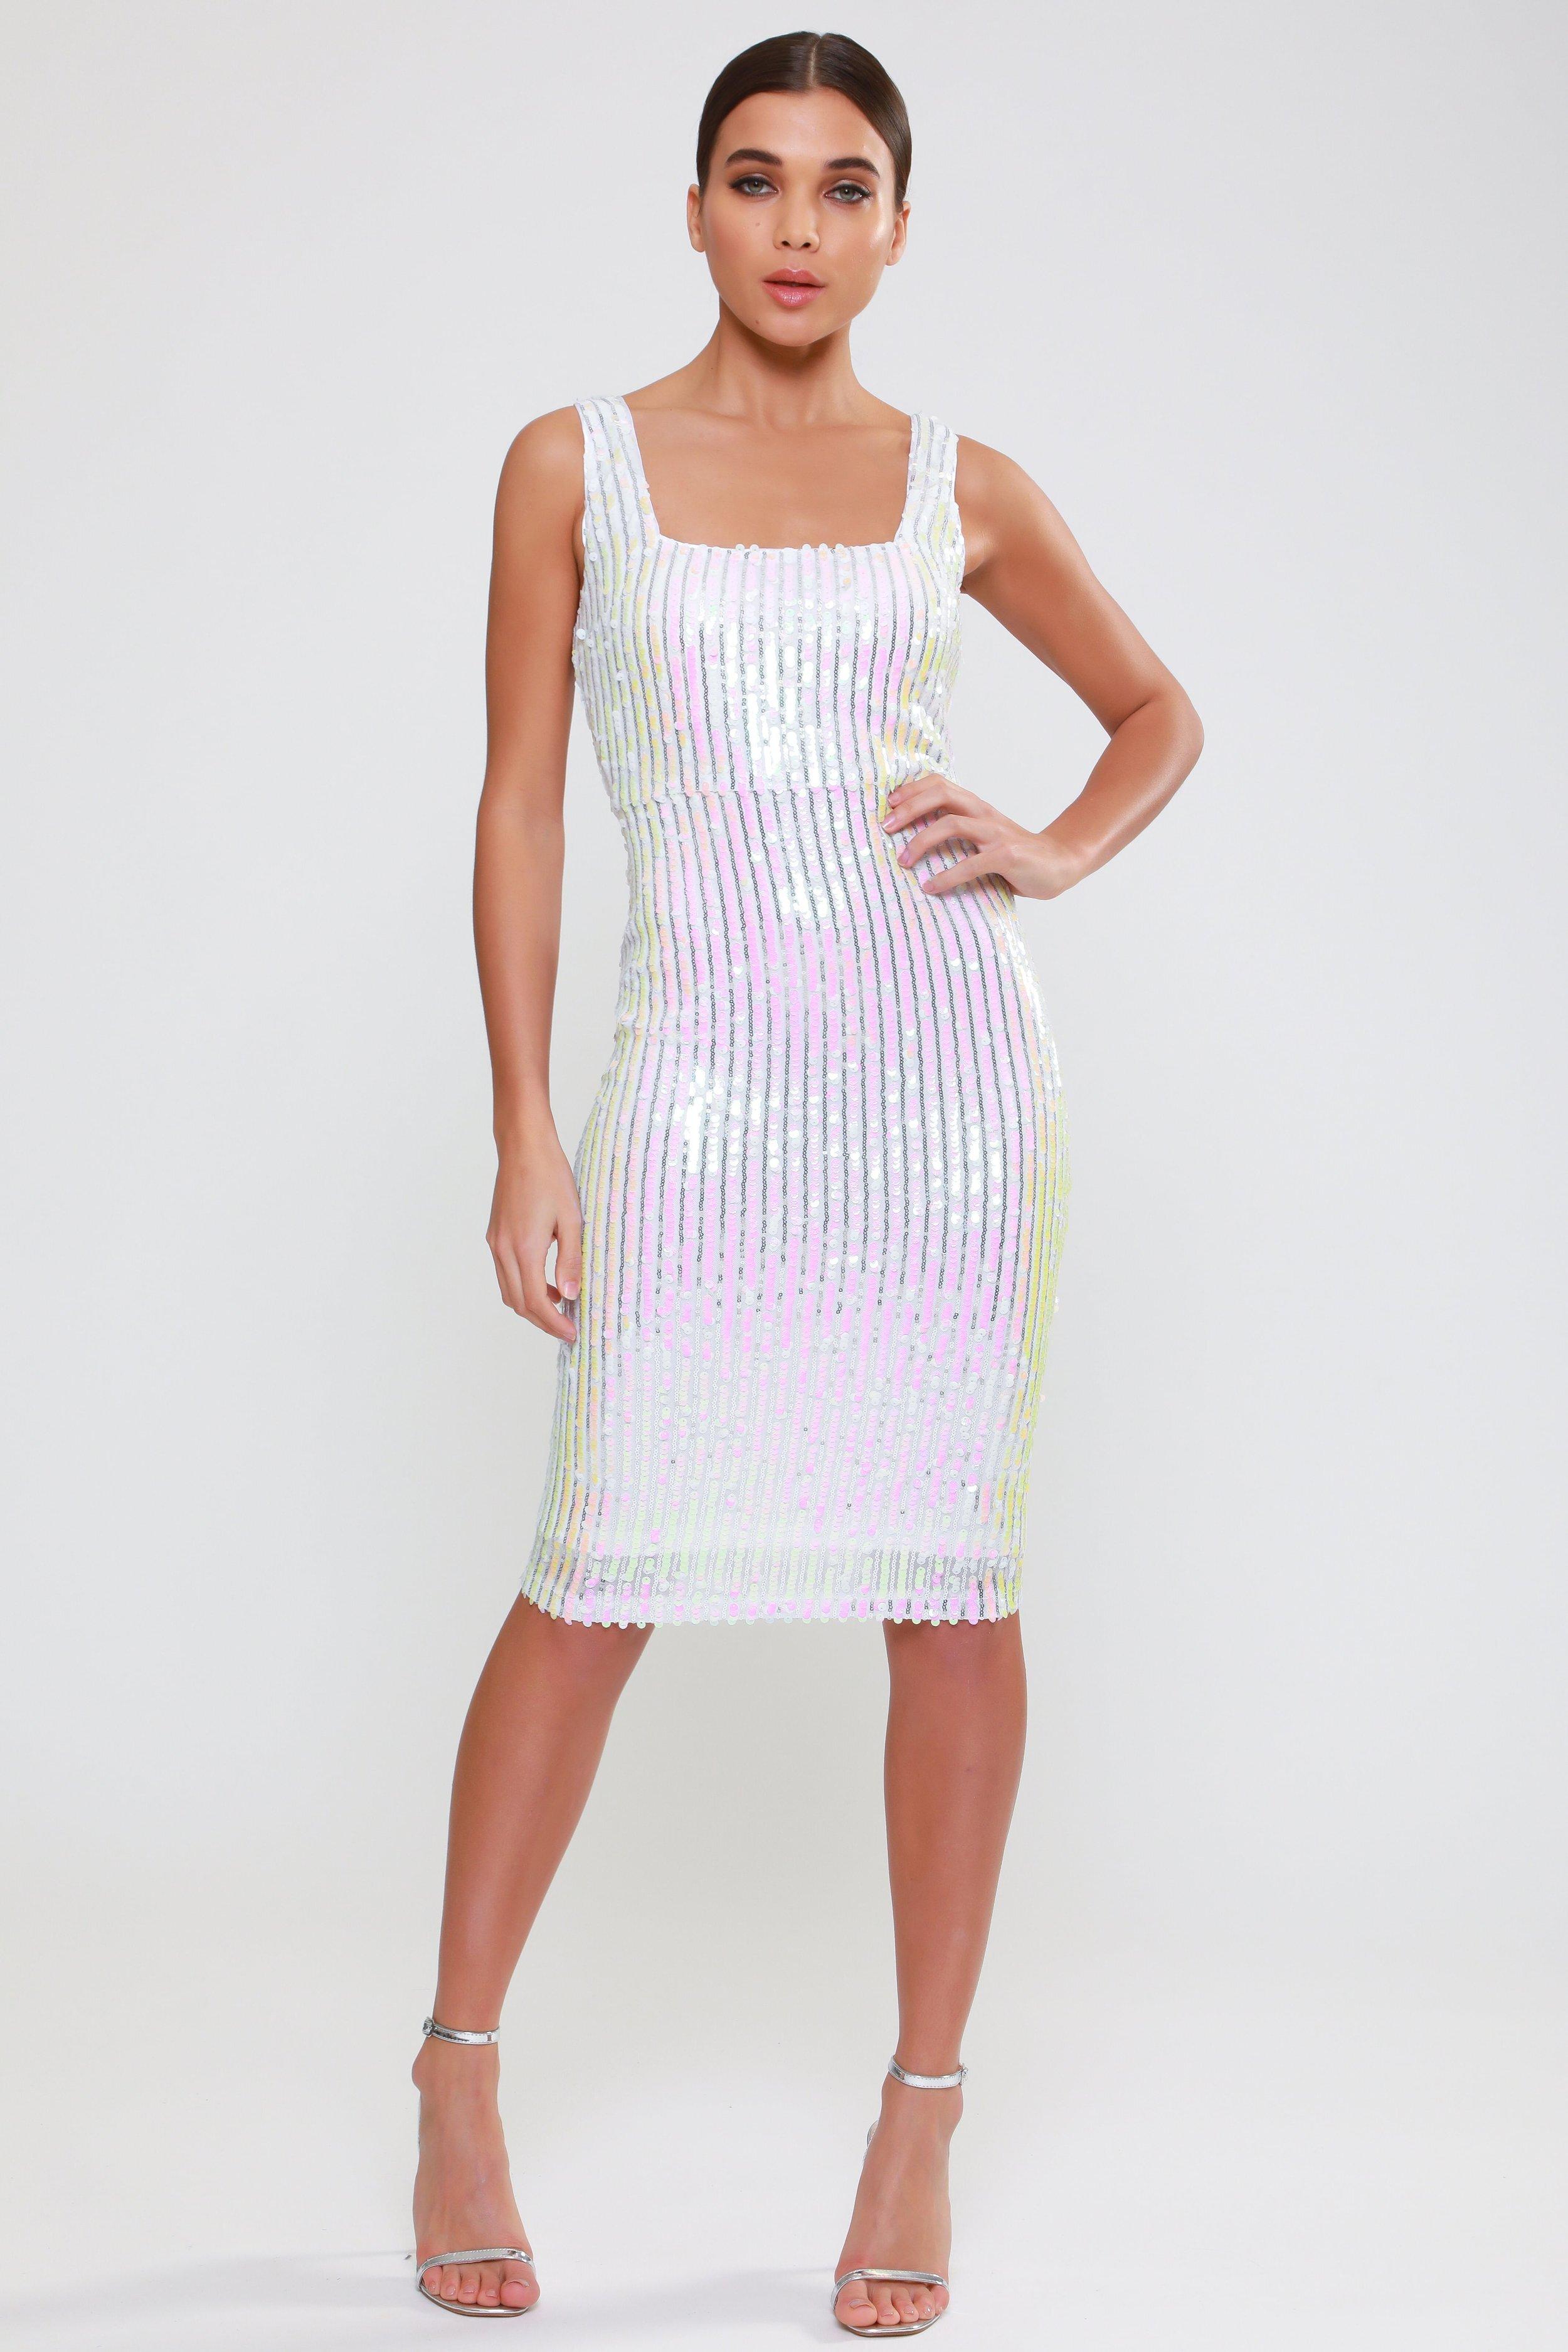 Sequin  Midi Dress   £69.00